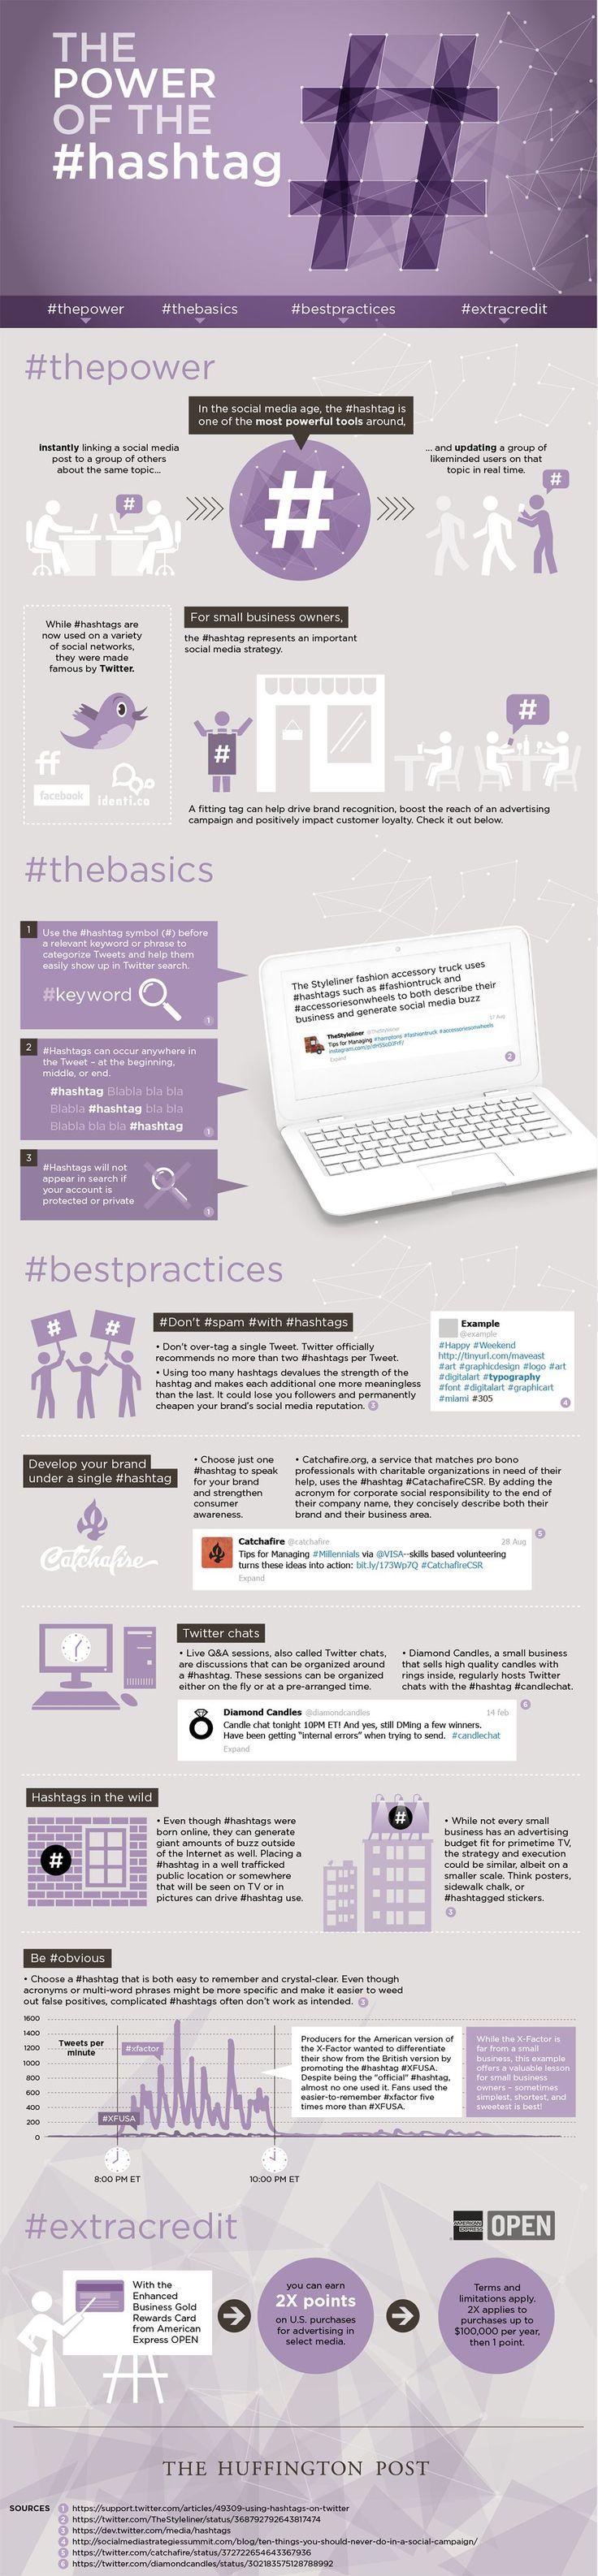 How To use& Harness The Power of The Hashtag: #Hashtag #socialmediatools #socialmediatips